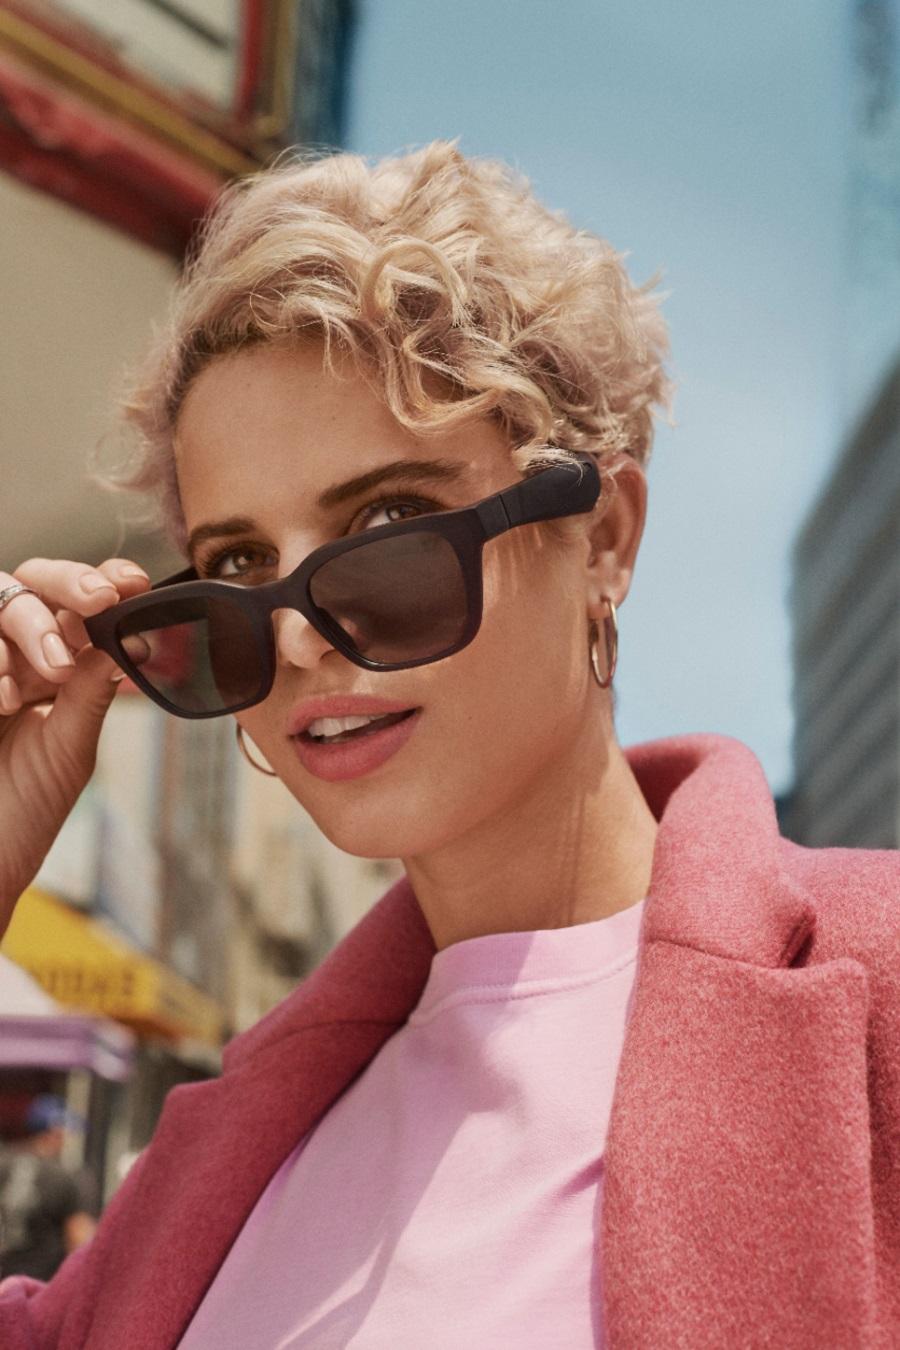 Bose Alto Frames at Best Buy